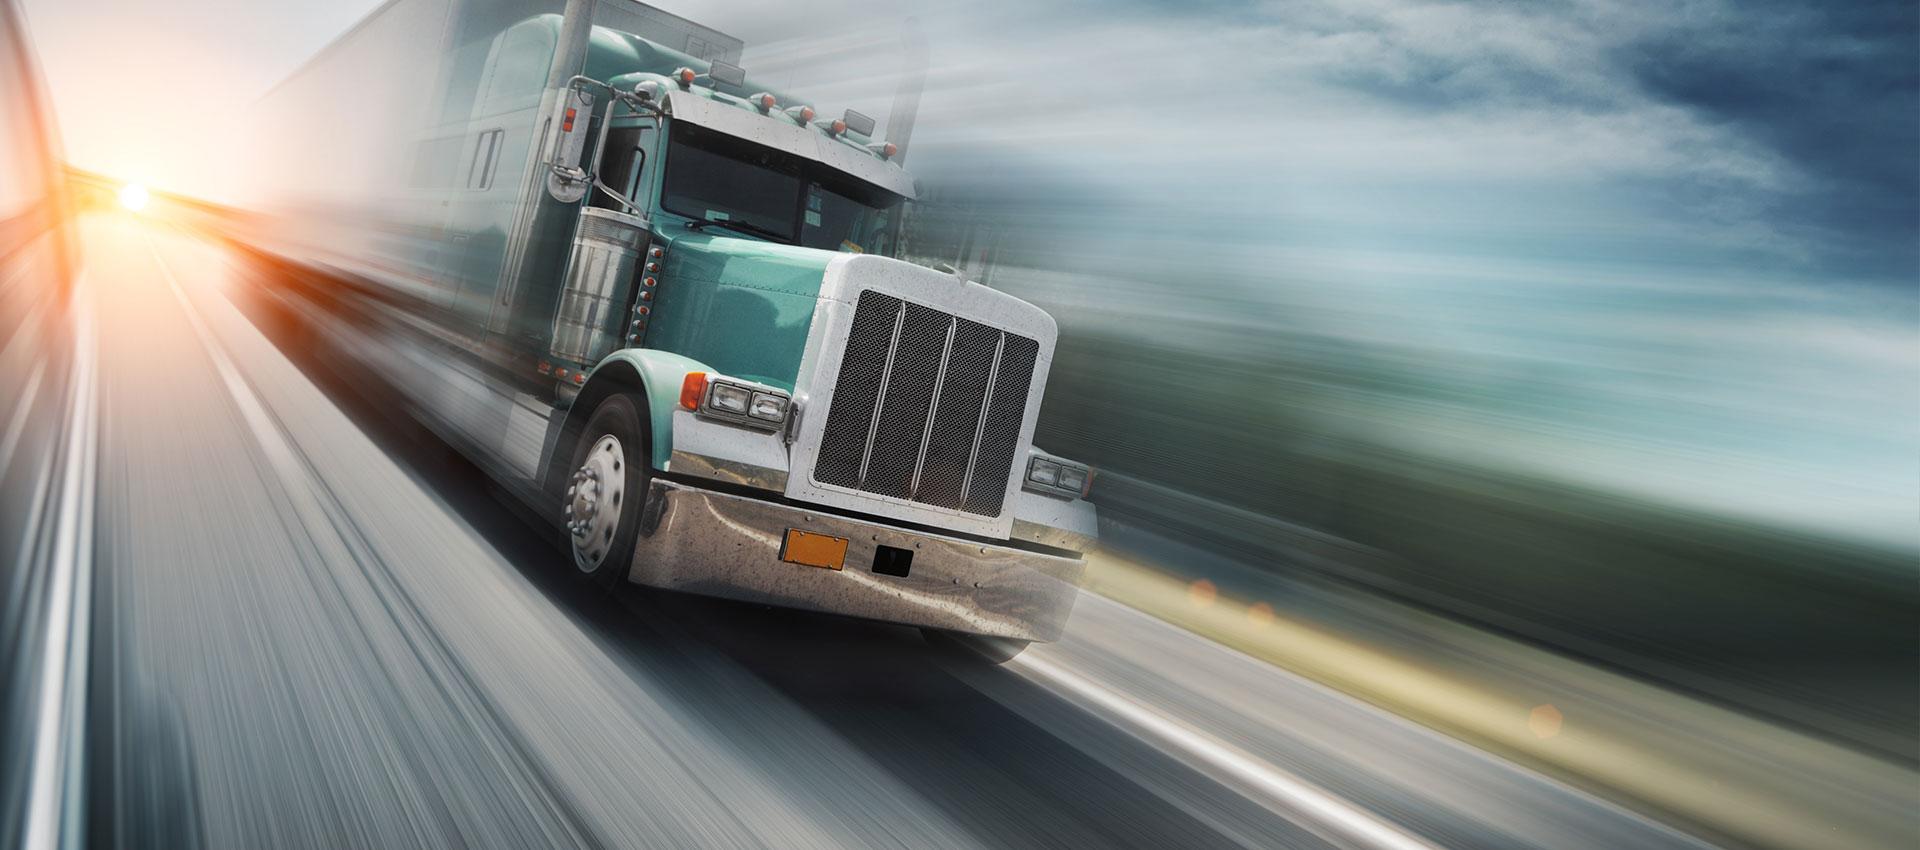 Intermodal Trucking | Seattle Intermodal Drayage, Railroad